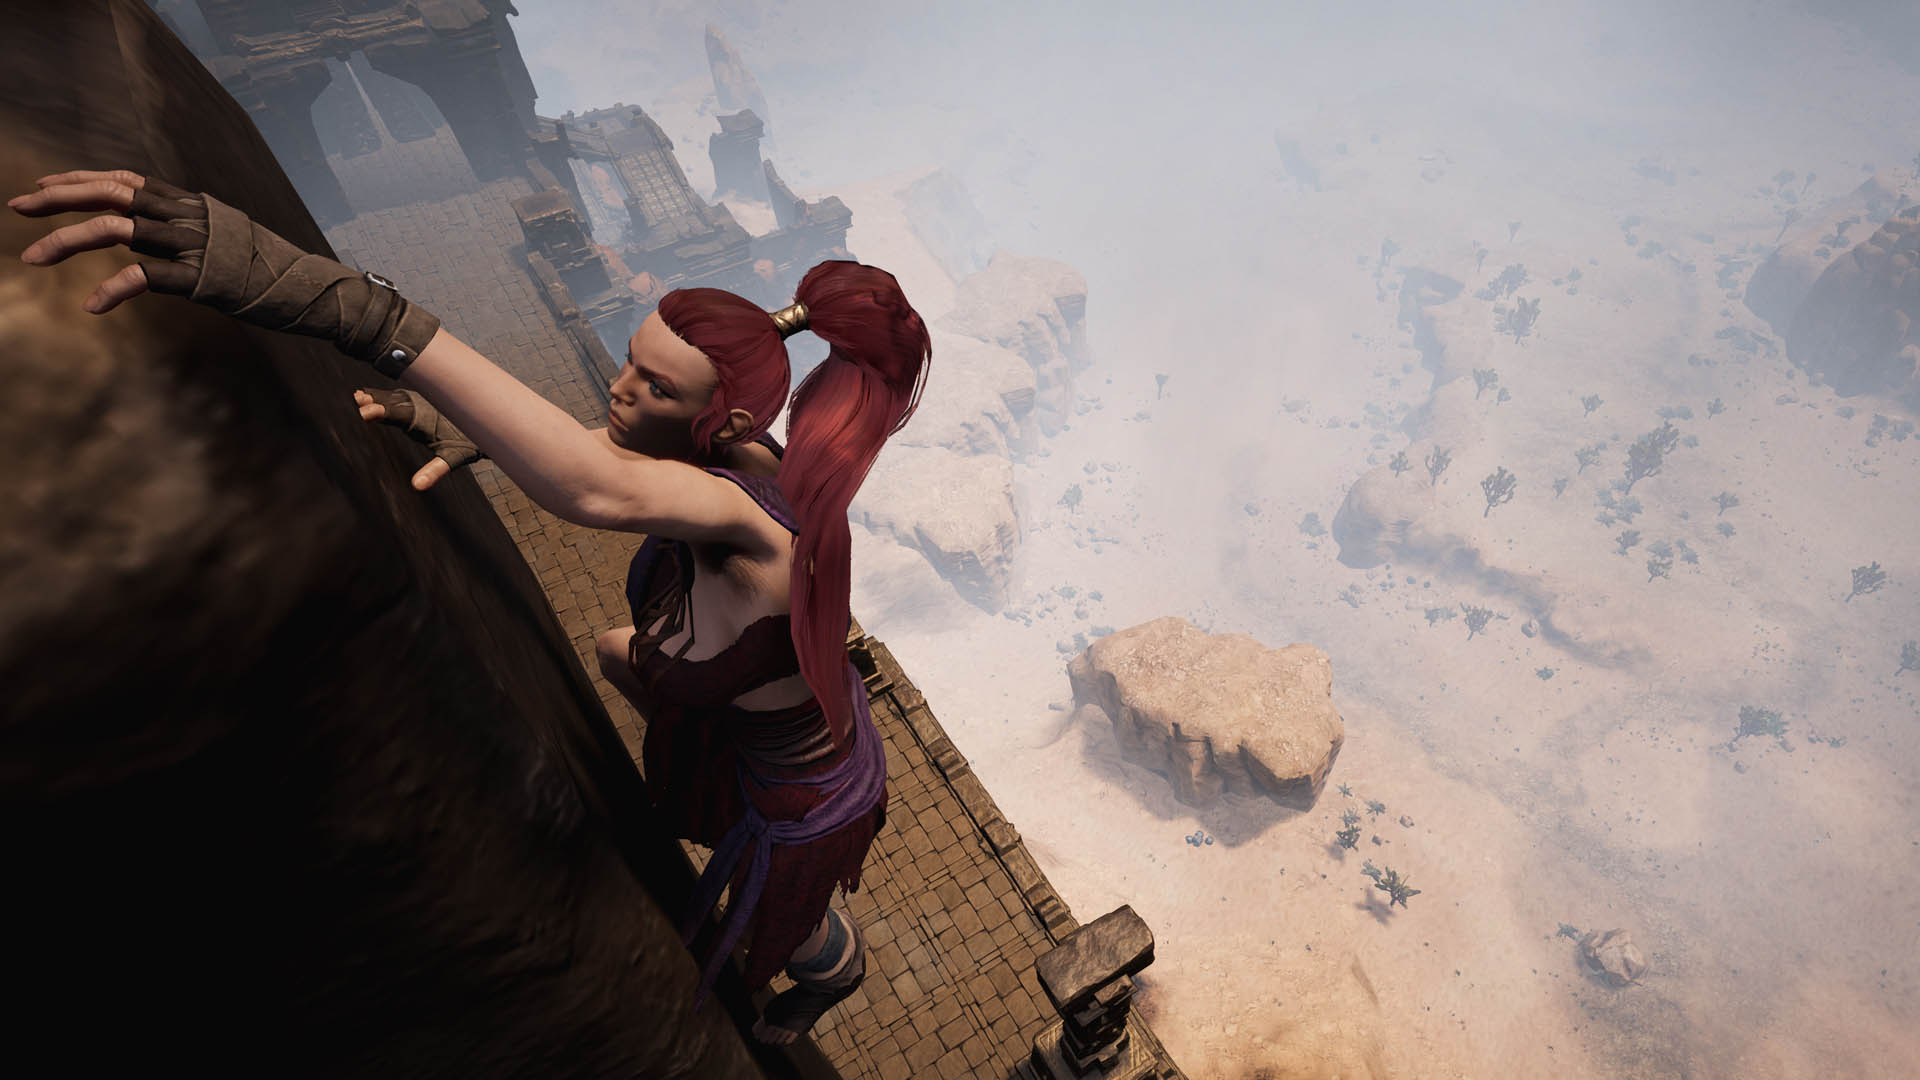 Kletterausrüstung Conan Exiles : Update u kletter und erkundungssystem conan exiles